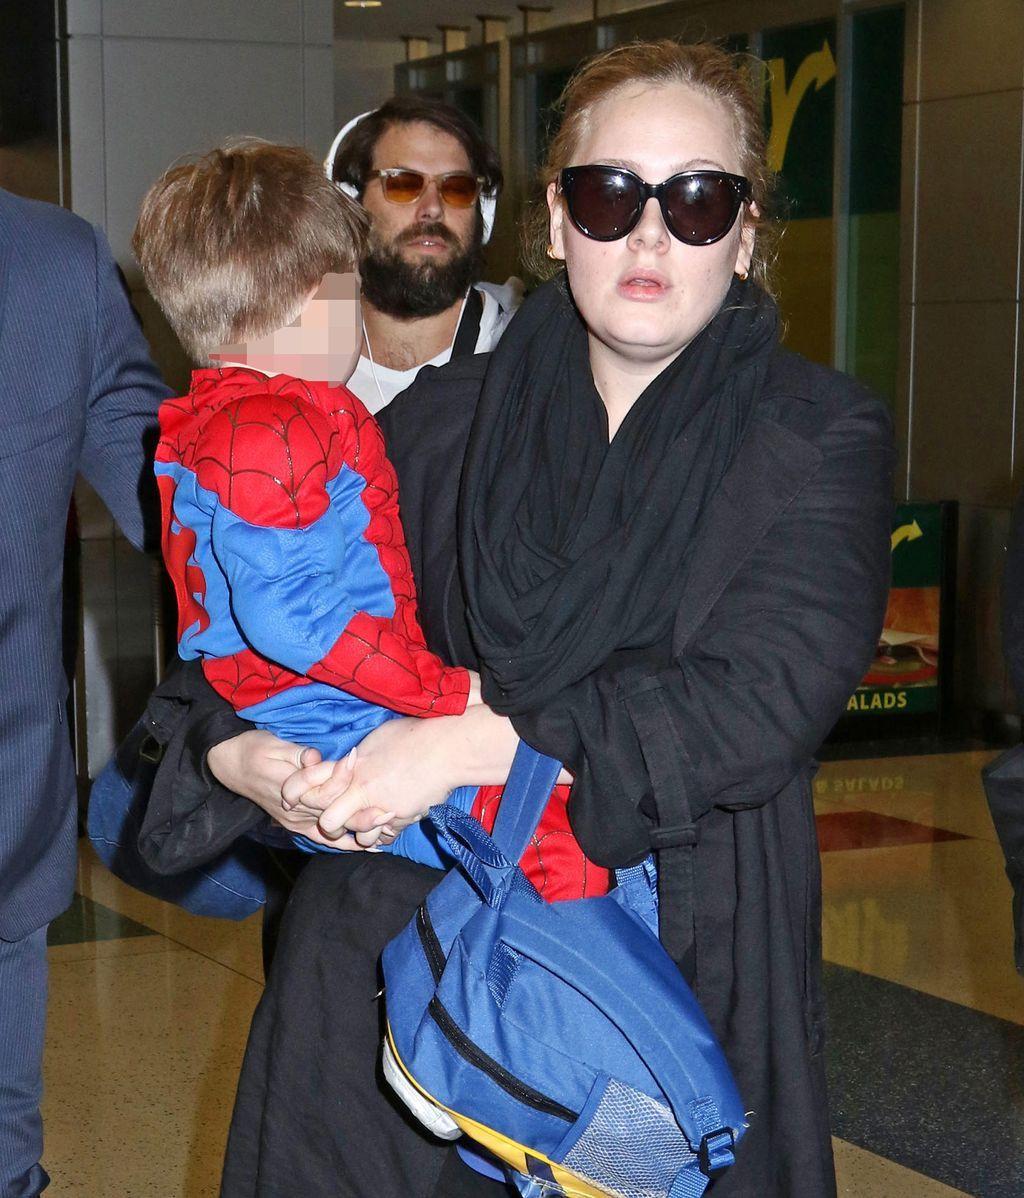 Adele abandona el aeropuerto de Nueva York con su hijo en brazos (2015)